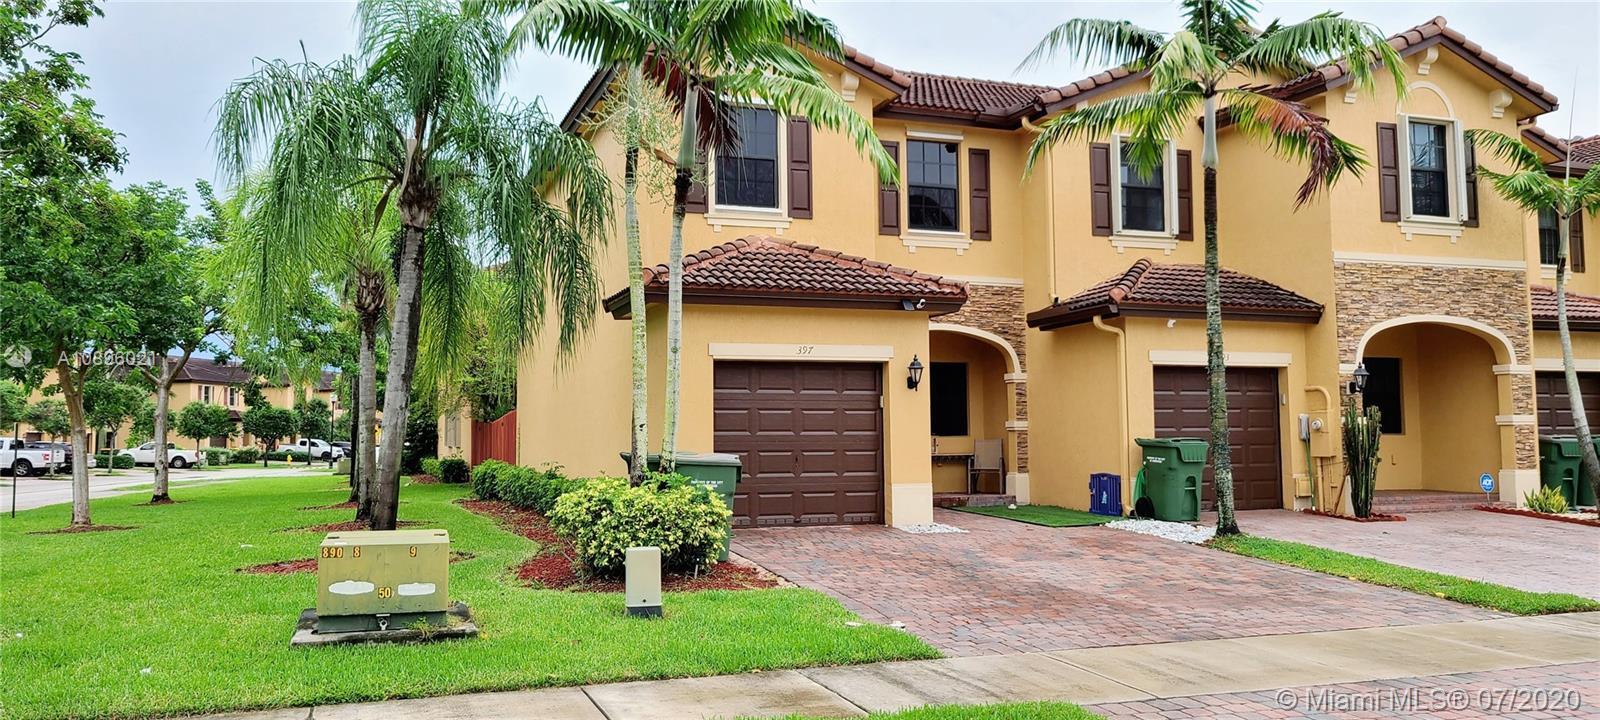 397 NE 37th Ave Property Photo